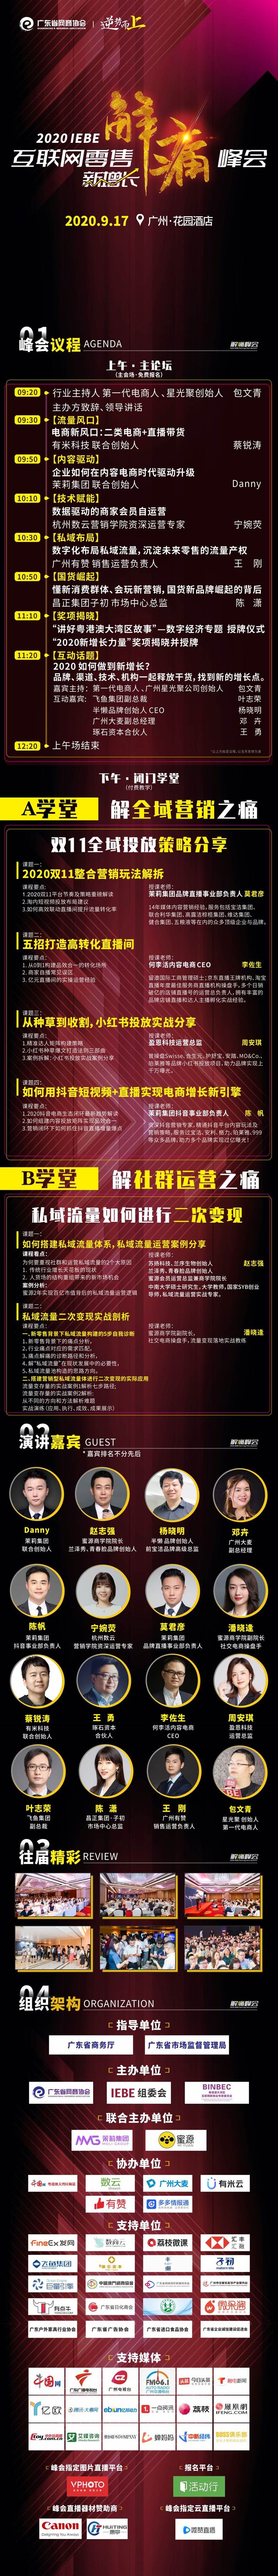 解痛3.0海报-v6.8-国内-无码.jpg